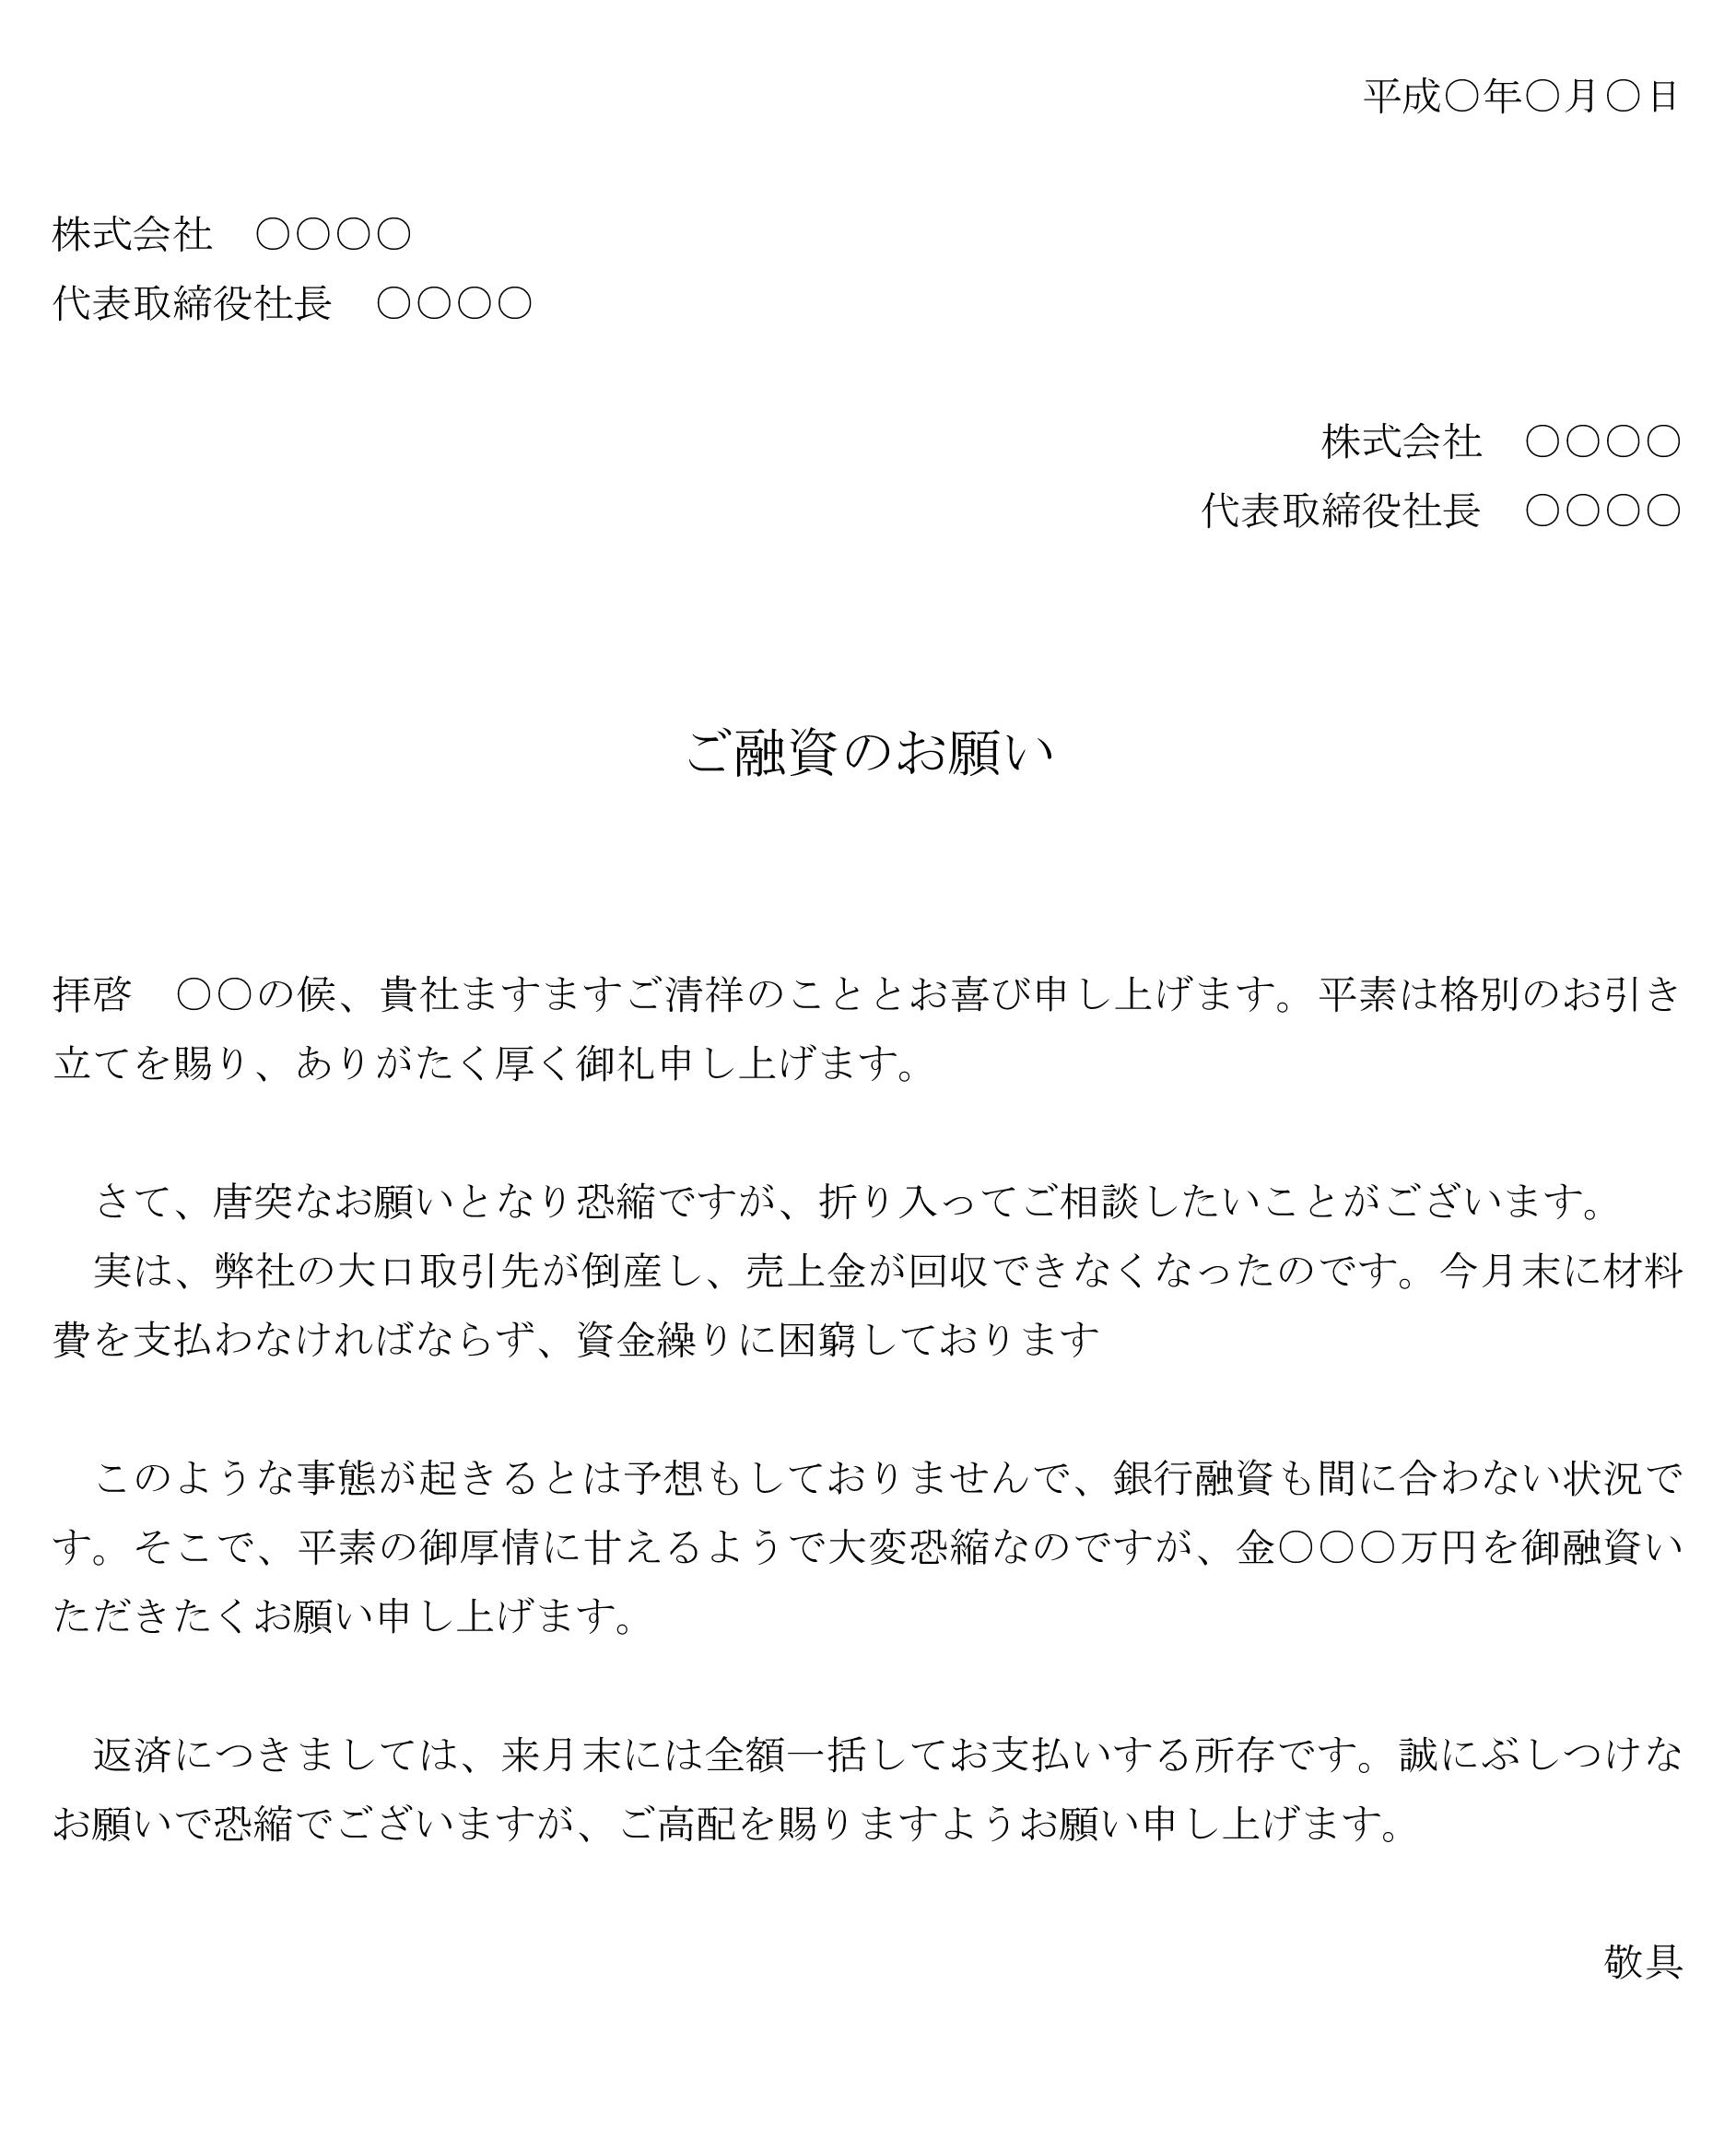 依頼状(融資)01